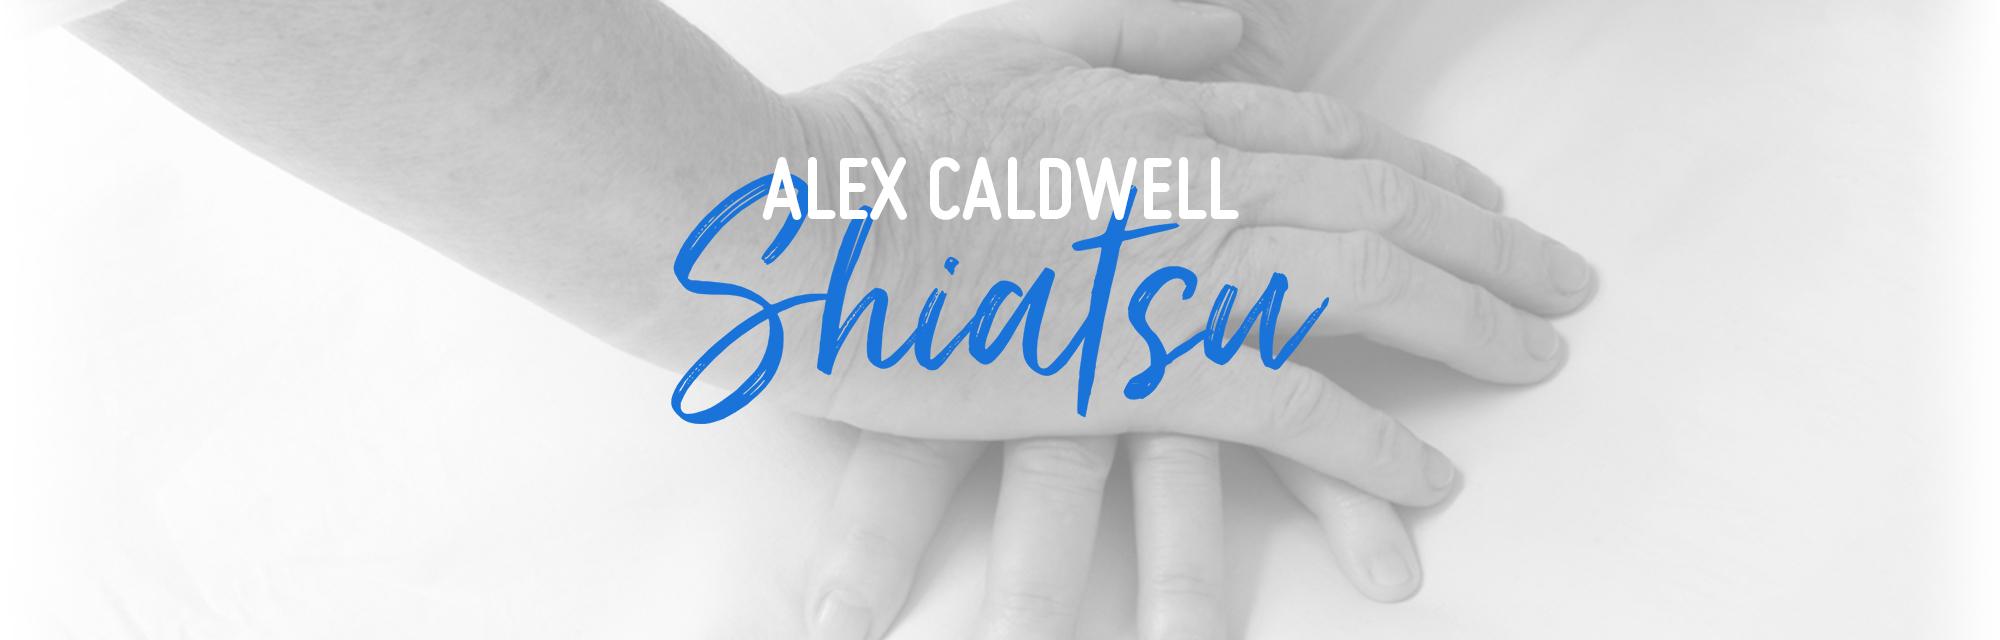 Shiatsu Fitzroy - Alex Caldwell Shiatsu Fitzroy